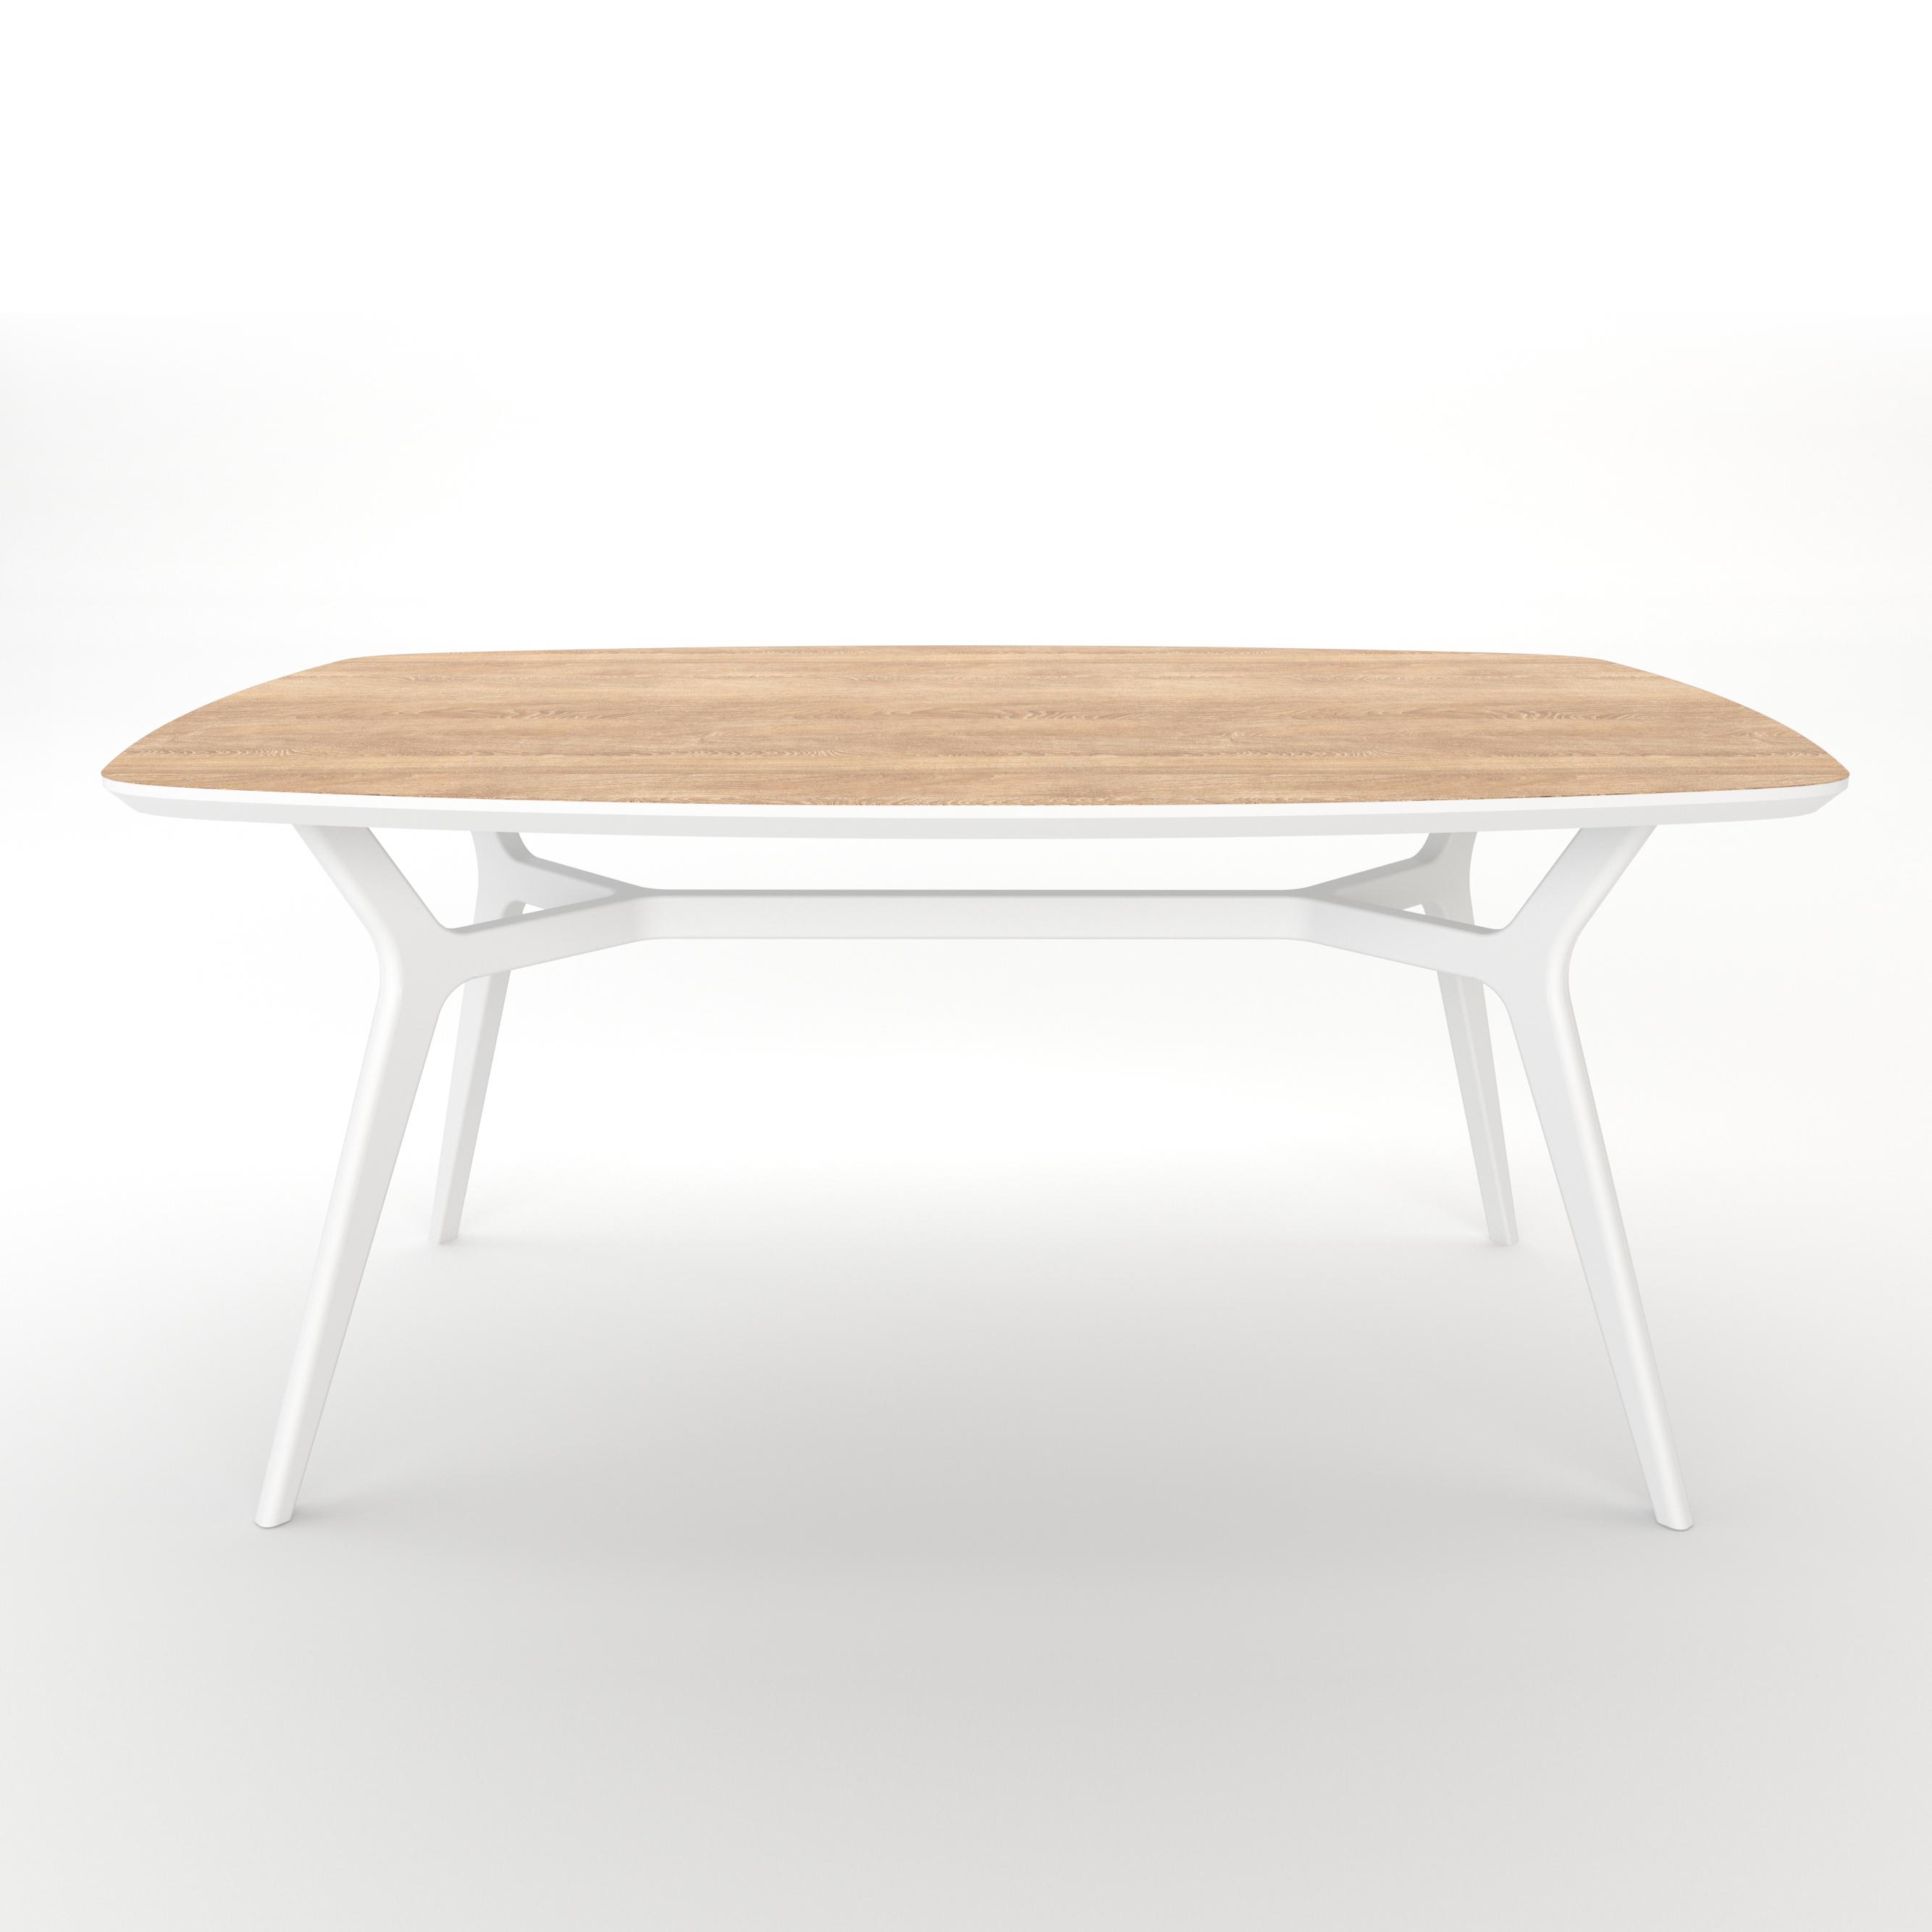 Стол JohannОбеденные столы<br>Тщательная проработка деталей и пропорций стола позволяет ему идеально вписаться в любой интерьер.&amp;lt;div&amp;gt;&amp;lt;br&amp;gt;&amp;lt;/div&amp;gt;&amp;lt;div&amp;gt;Отделка столешницы шпоном дуба, подстолье выкрашено в белый цвет. Сборка не требуется.  &amp;lt;/div&amp;gt;<br><br>Material: МДФ<br>Ширина см: 160<br>Высота см: 75<br>Глубина см: 90